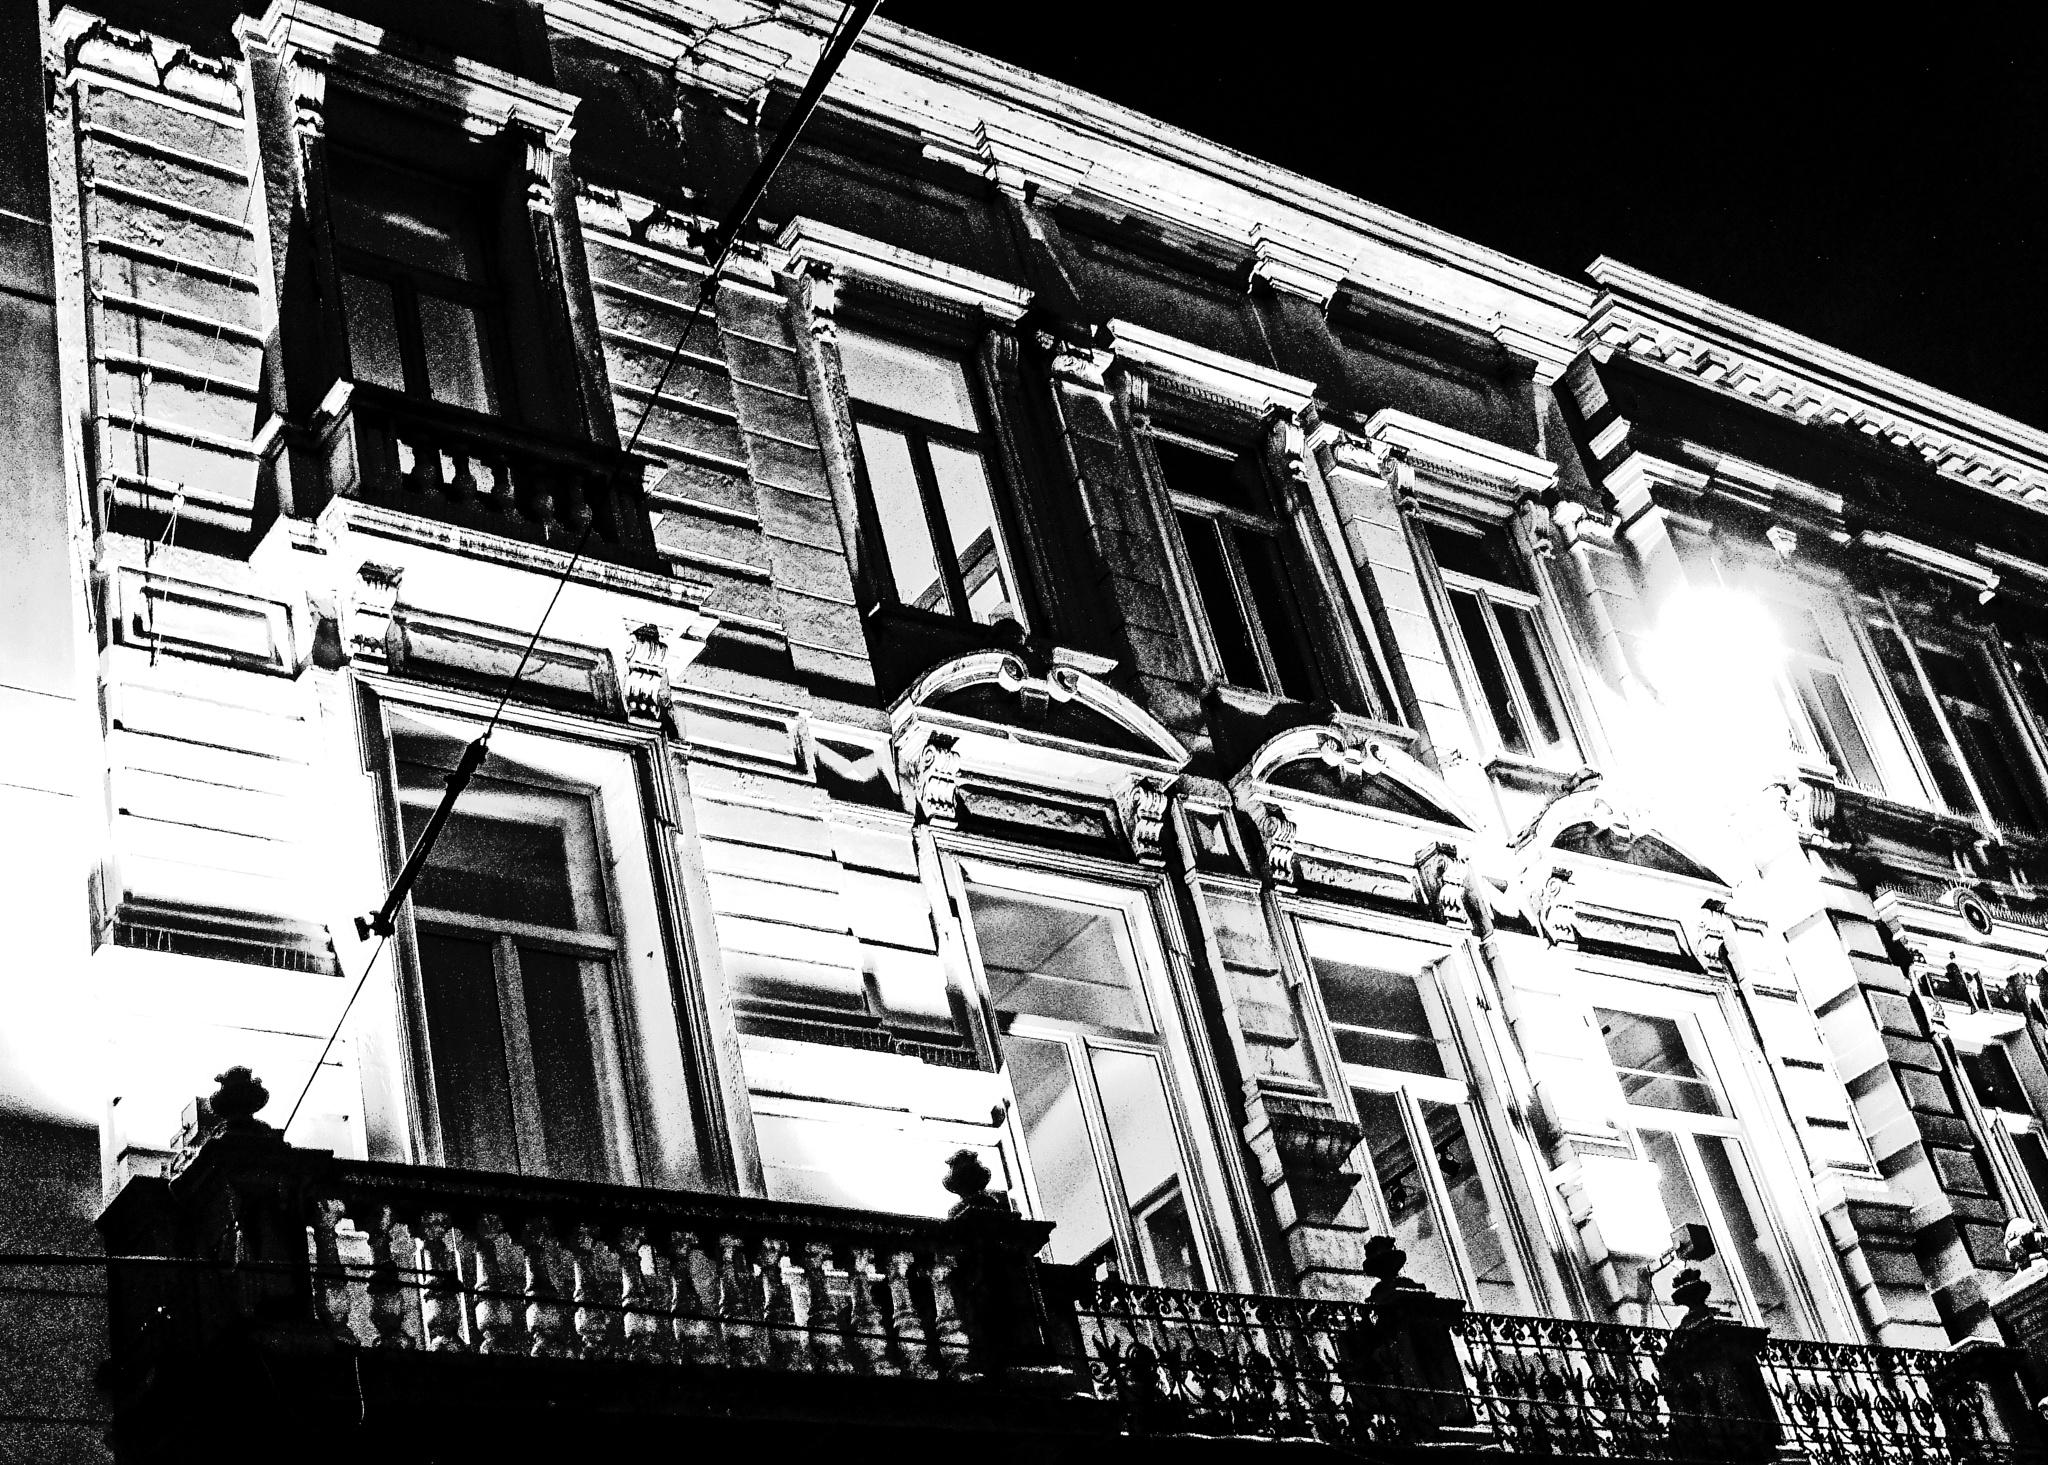 Ghent at night by Martine GLASMACHER